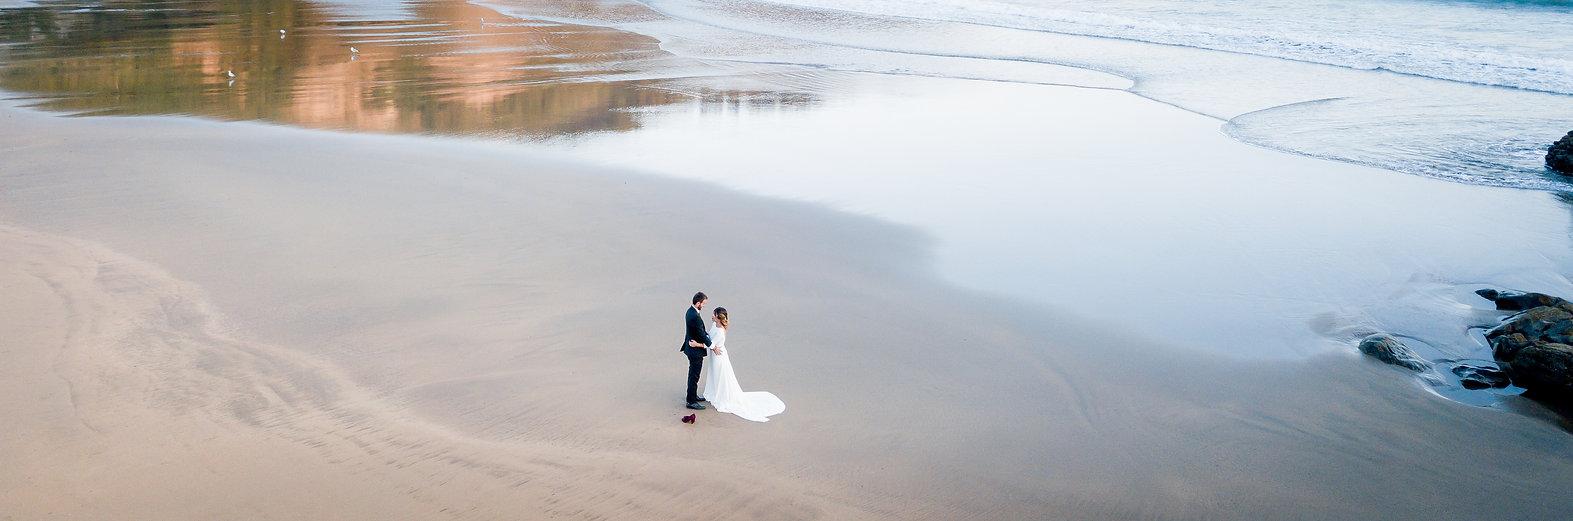 Fotos boda dron Ainara Garcia.jpg